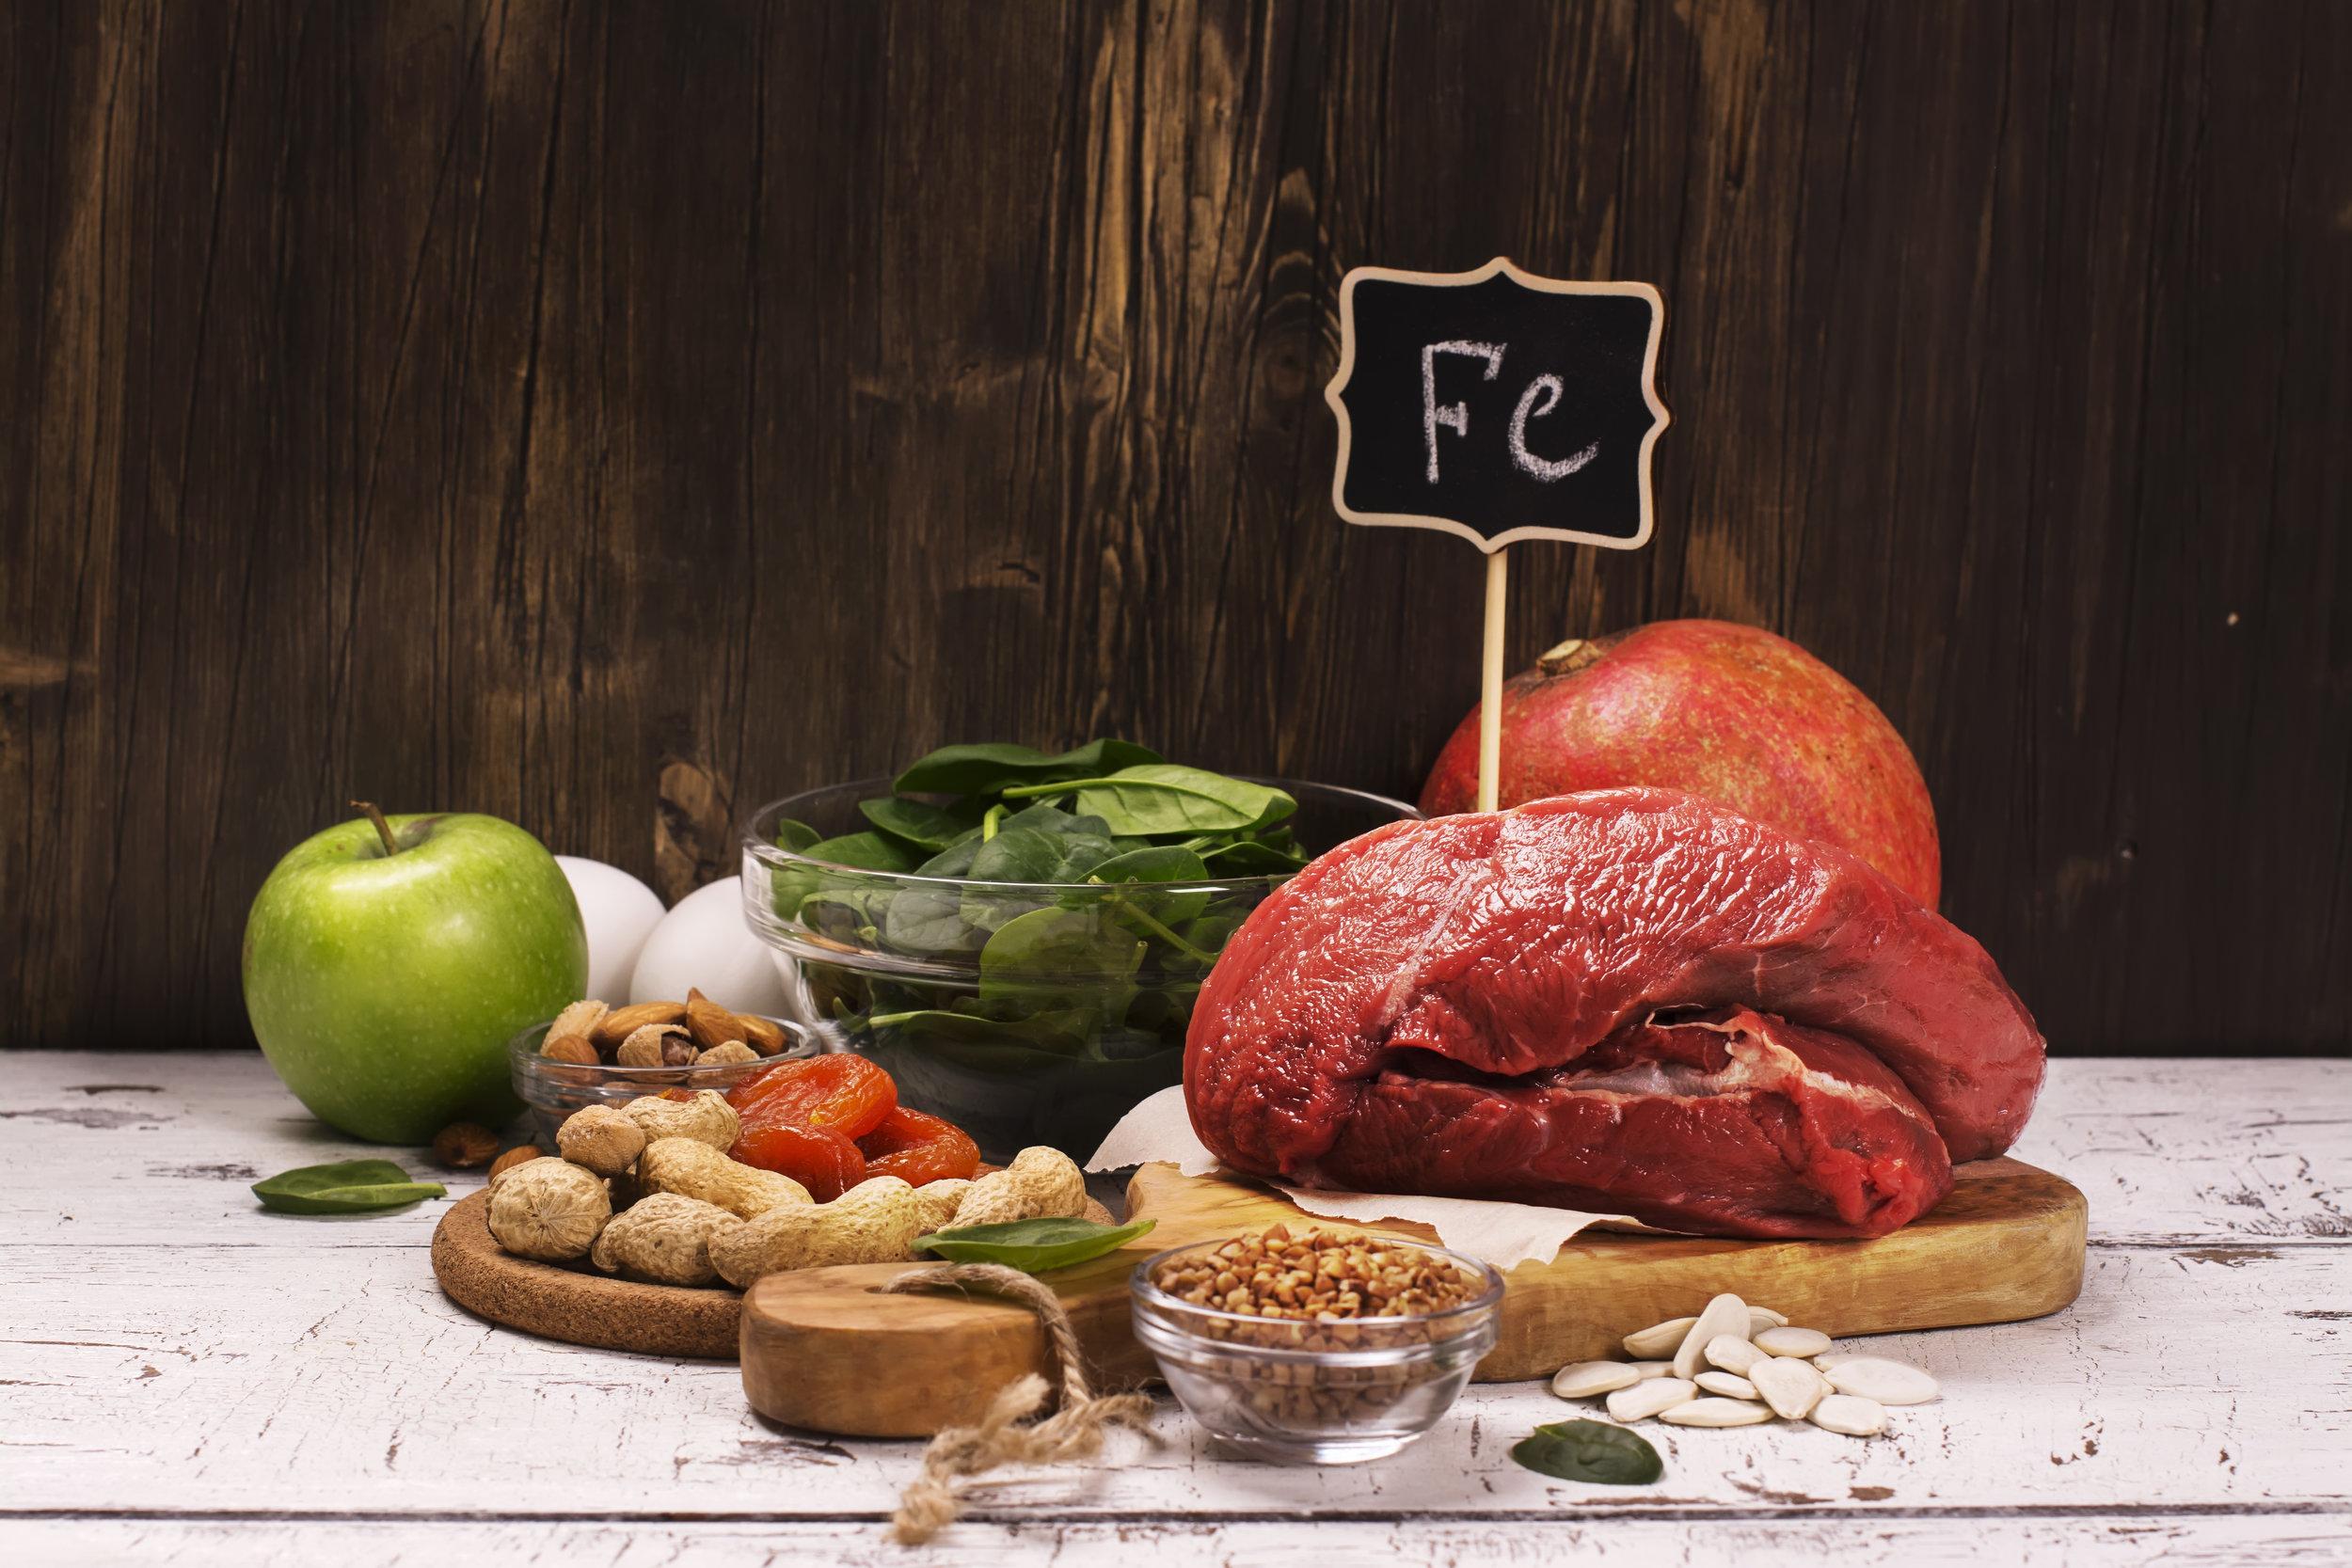 Muun muassa liha, kala, täysjyväviljat, palkokasvit ja vihannekset sisältävät rautaa. Kasvikunnassa esiintyvä ei-hemirauta ei imeydy yhtä hyvin kuin eläinperäinen hemirauta.